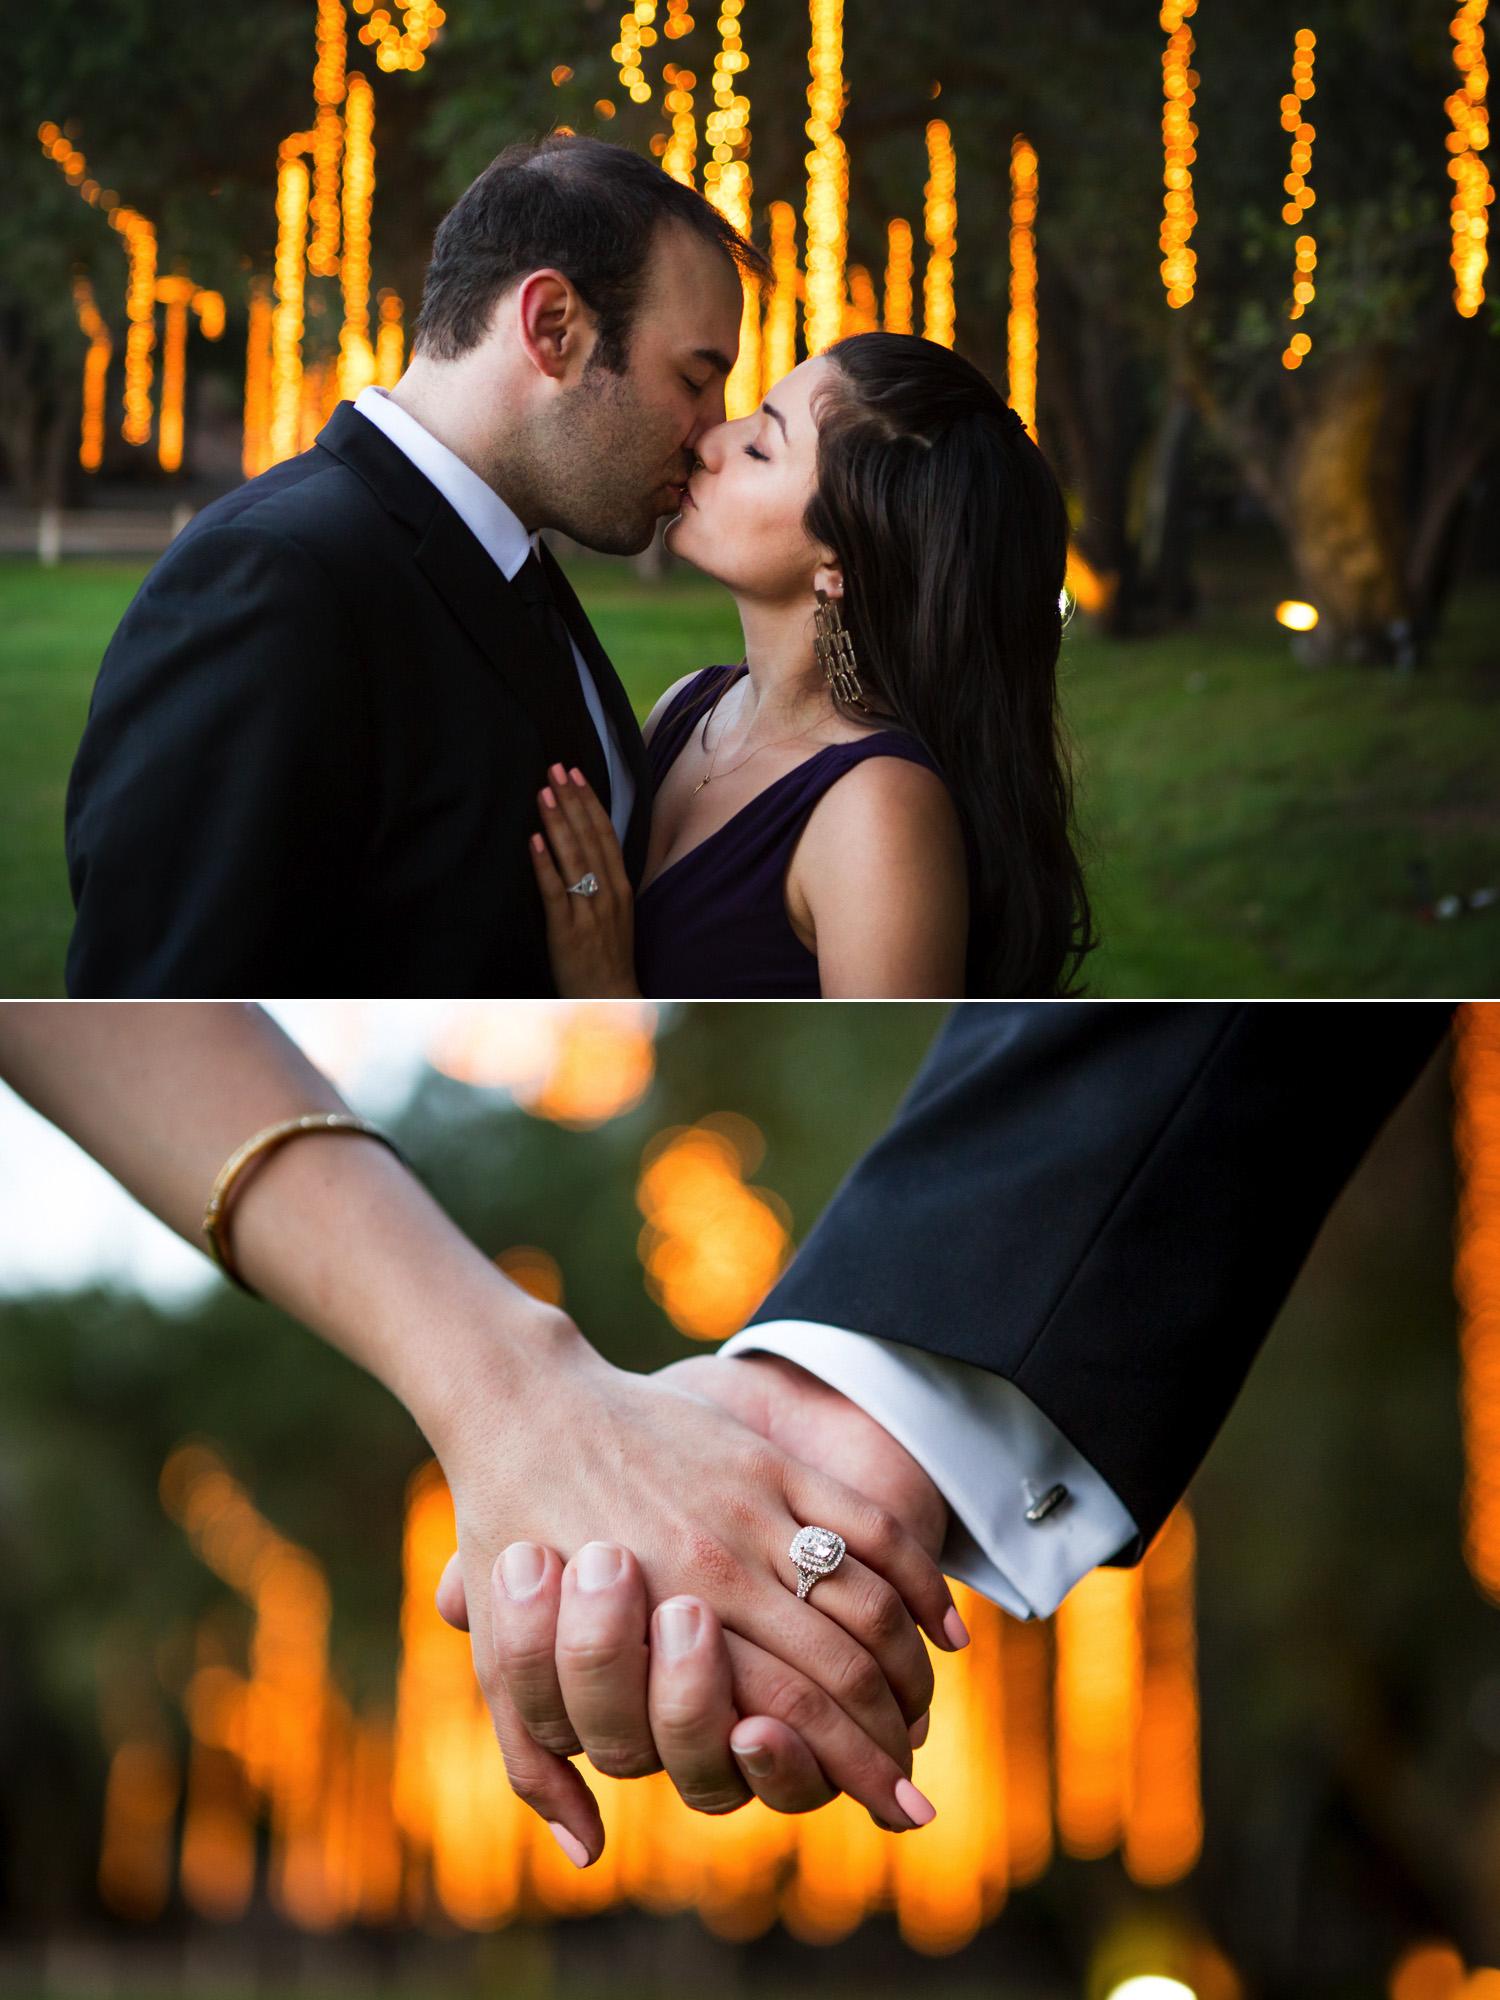 Hands_kiss.jpg